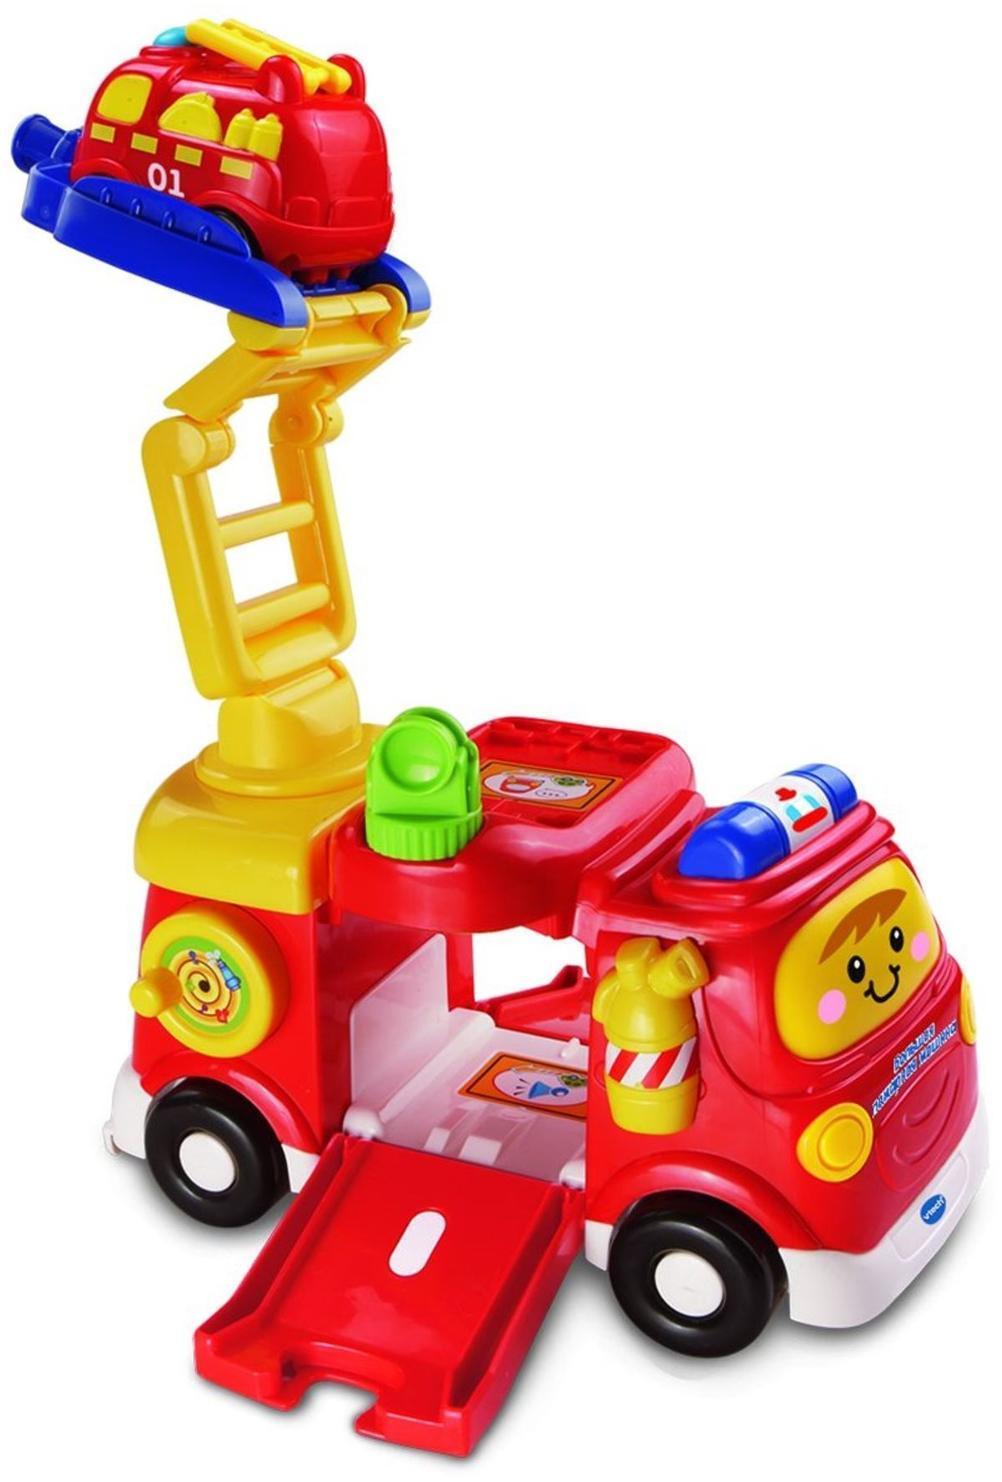 Купить VTECH Большая пожарная машина - интерактивная игрушка, Китай